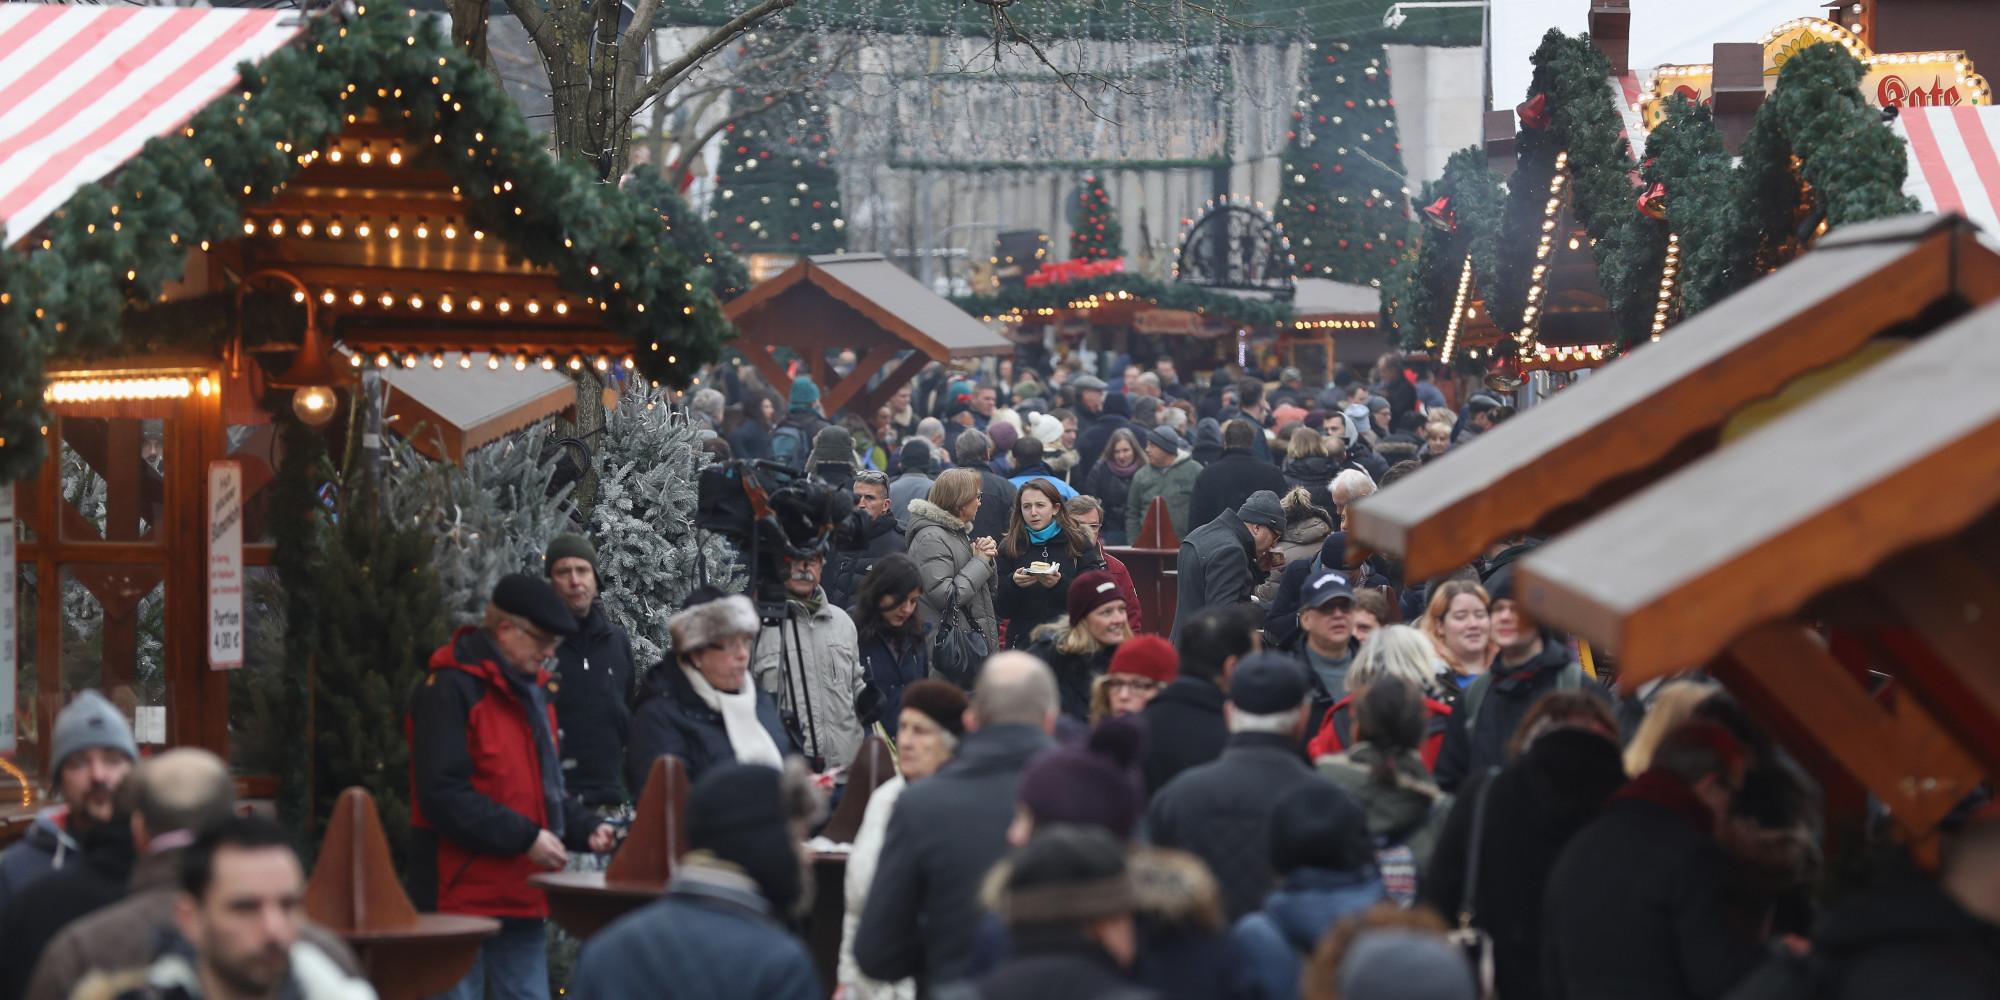 Attentat Facebook: Allemagne: Réouverture Du Marché De Noël De Berlin Frappé